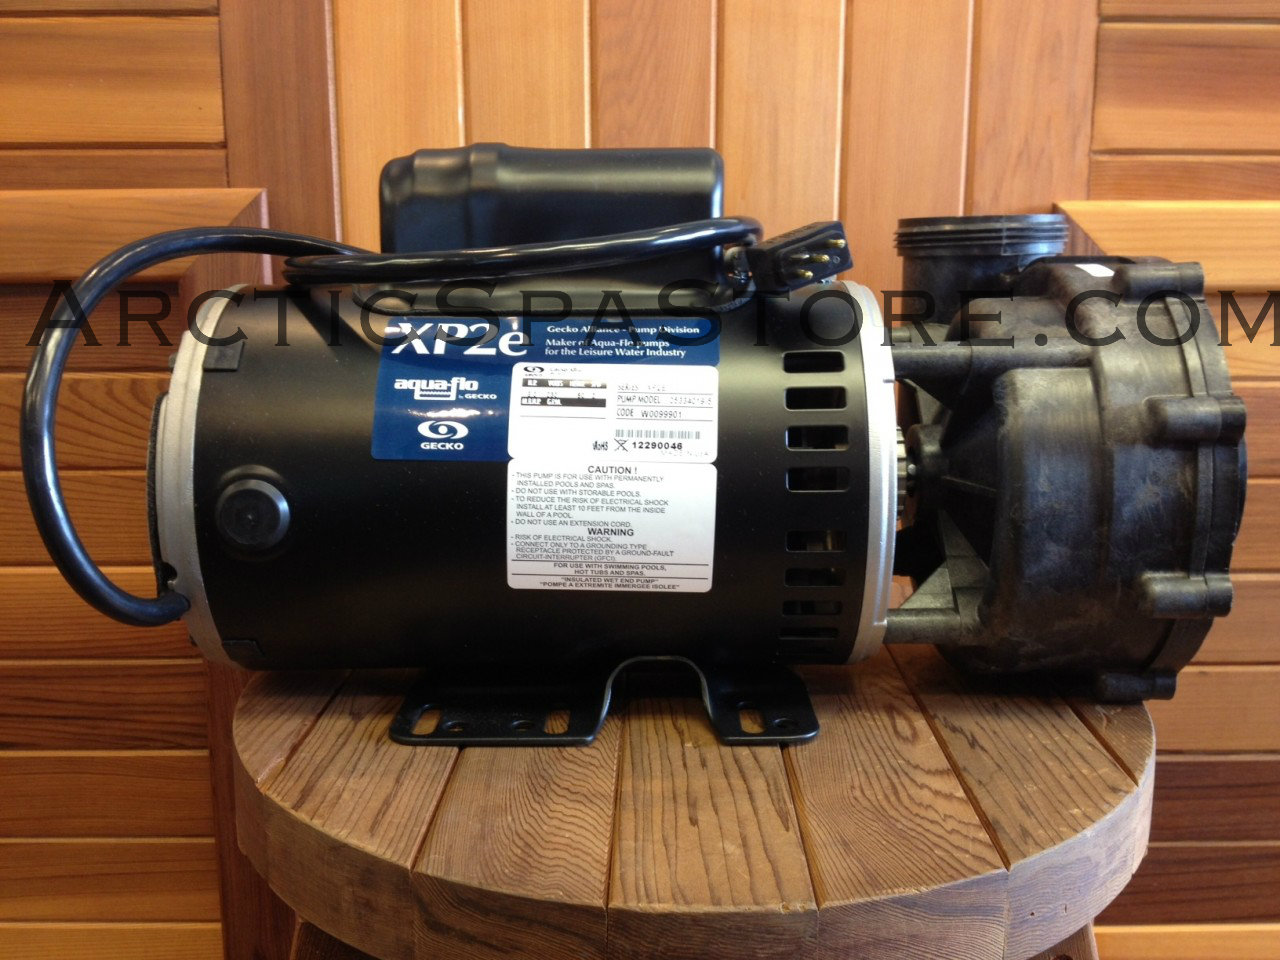 medium resolution of arctic spa pump 2 sd on aqua flo impeller aquaflow pumps flowmaster pumps aqua flo pump wiring diagram